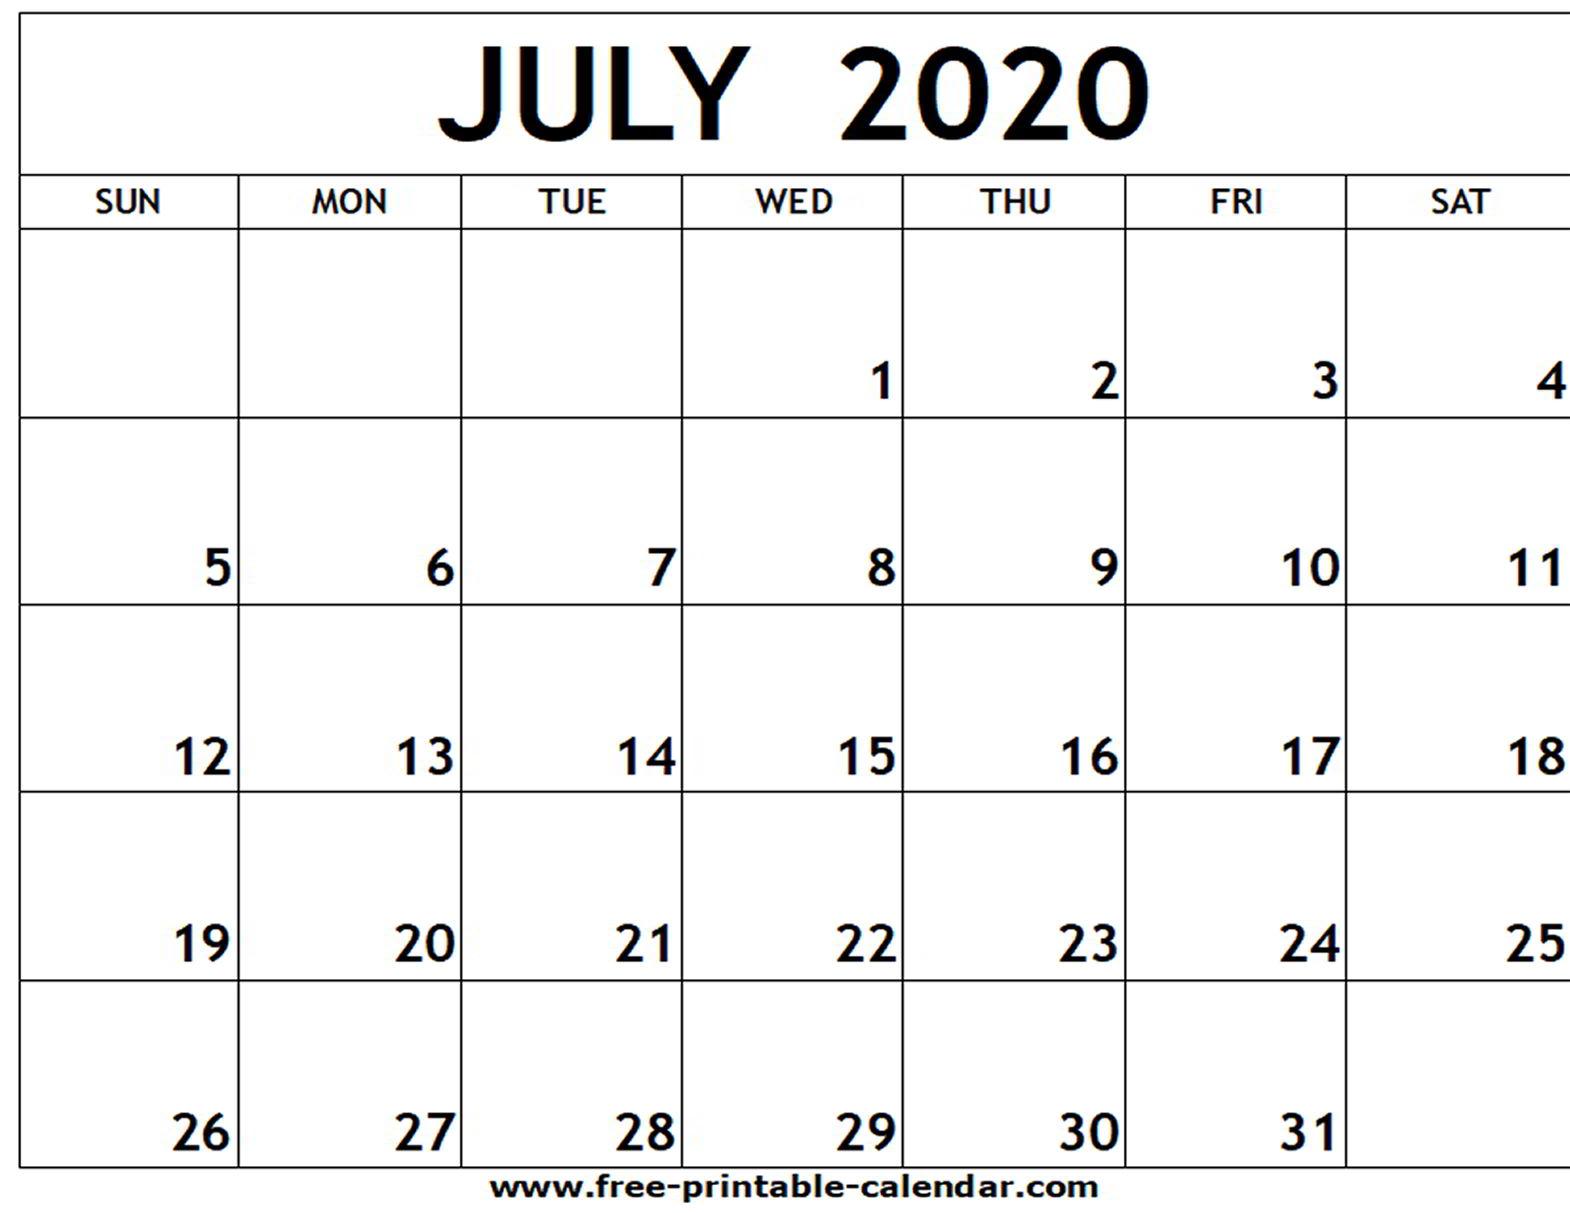 July 2020 June 2020 Calendar - Wpa.wpart.co